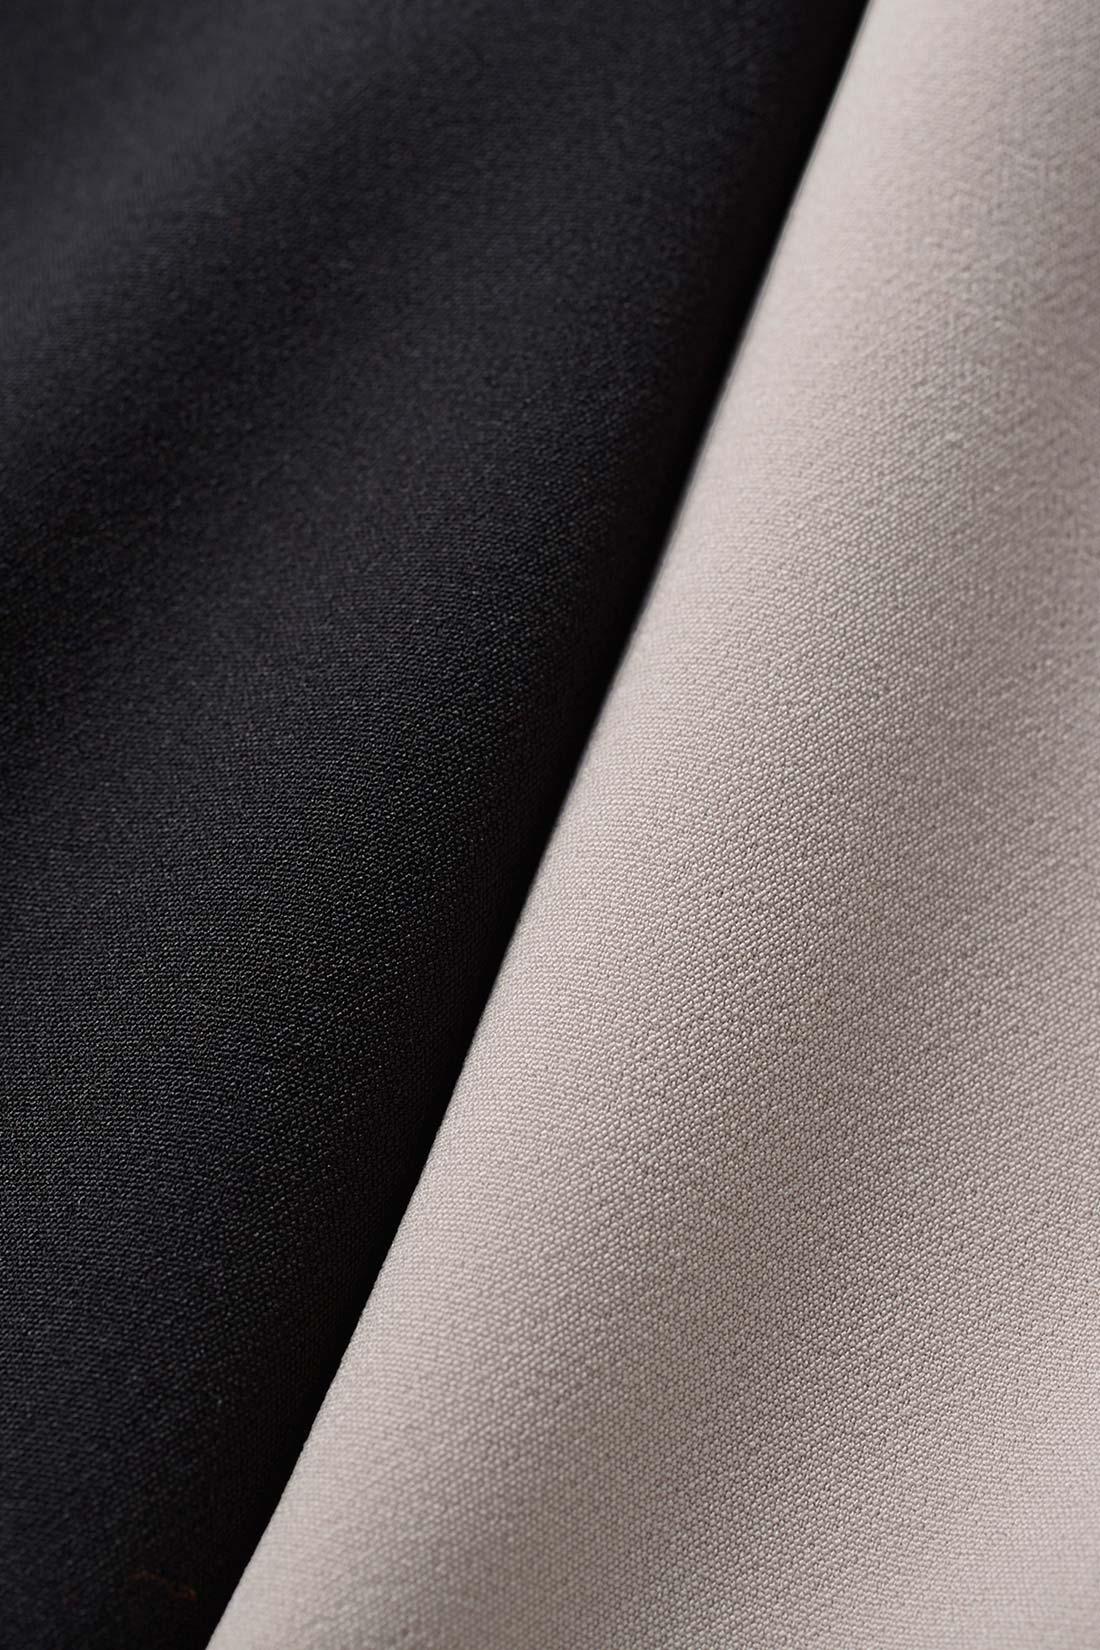 美しいドレープを表現する、ほどよい厚みのある素材。しわになりにくく、お手入れが簡単です。ストレッチ性もあり、しゃがむときもスムーズ。